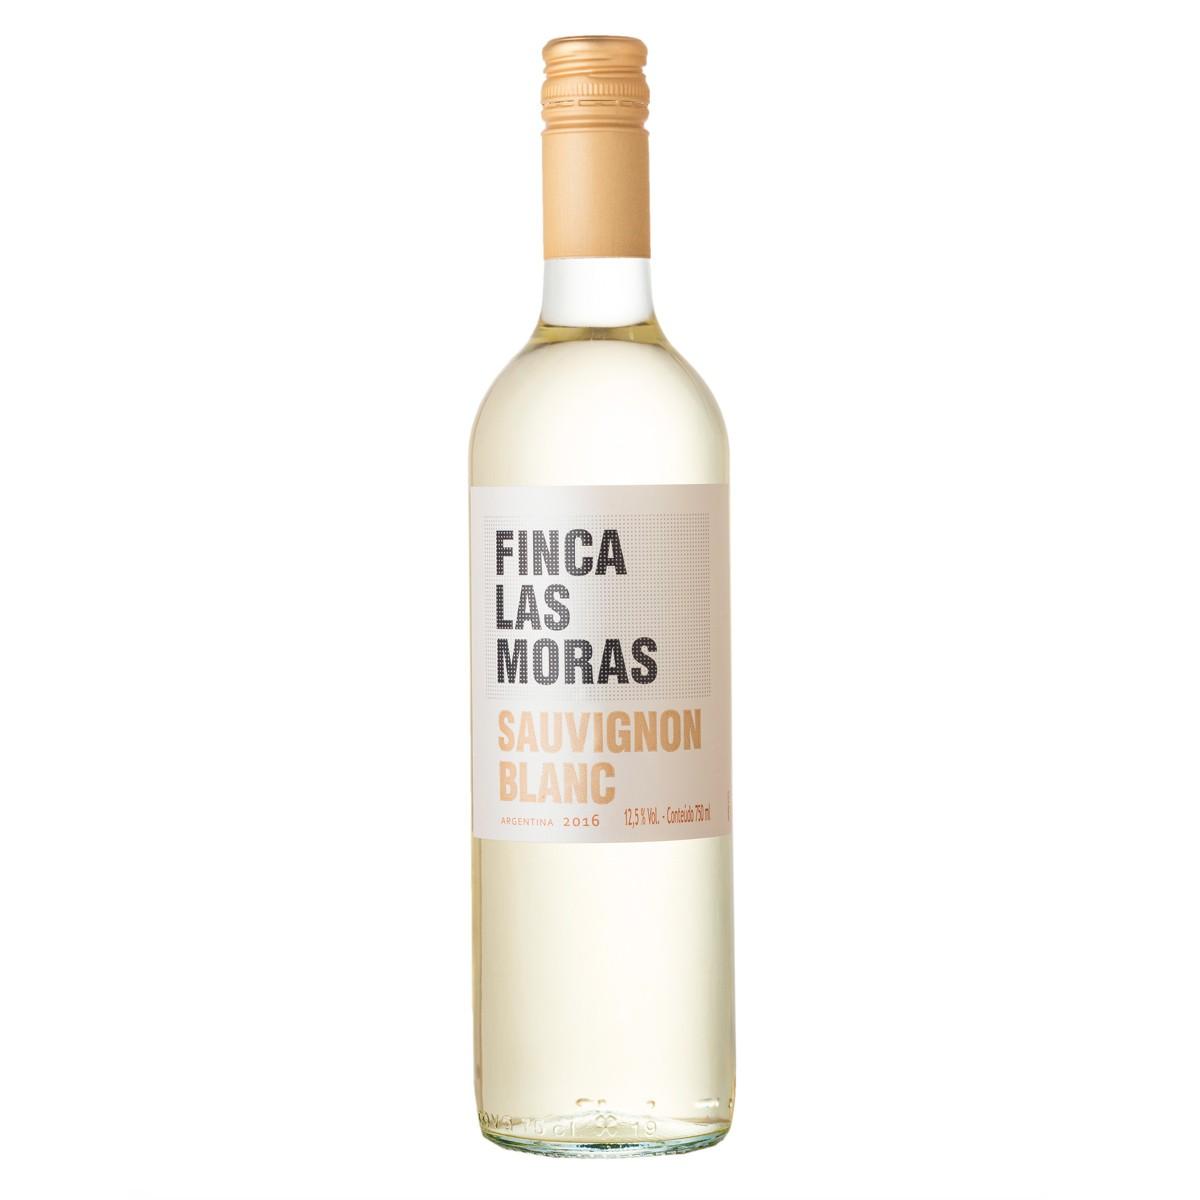 Las Moras Sauvignon Blanc